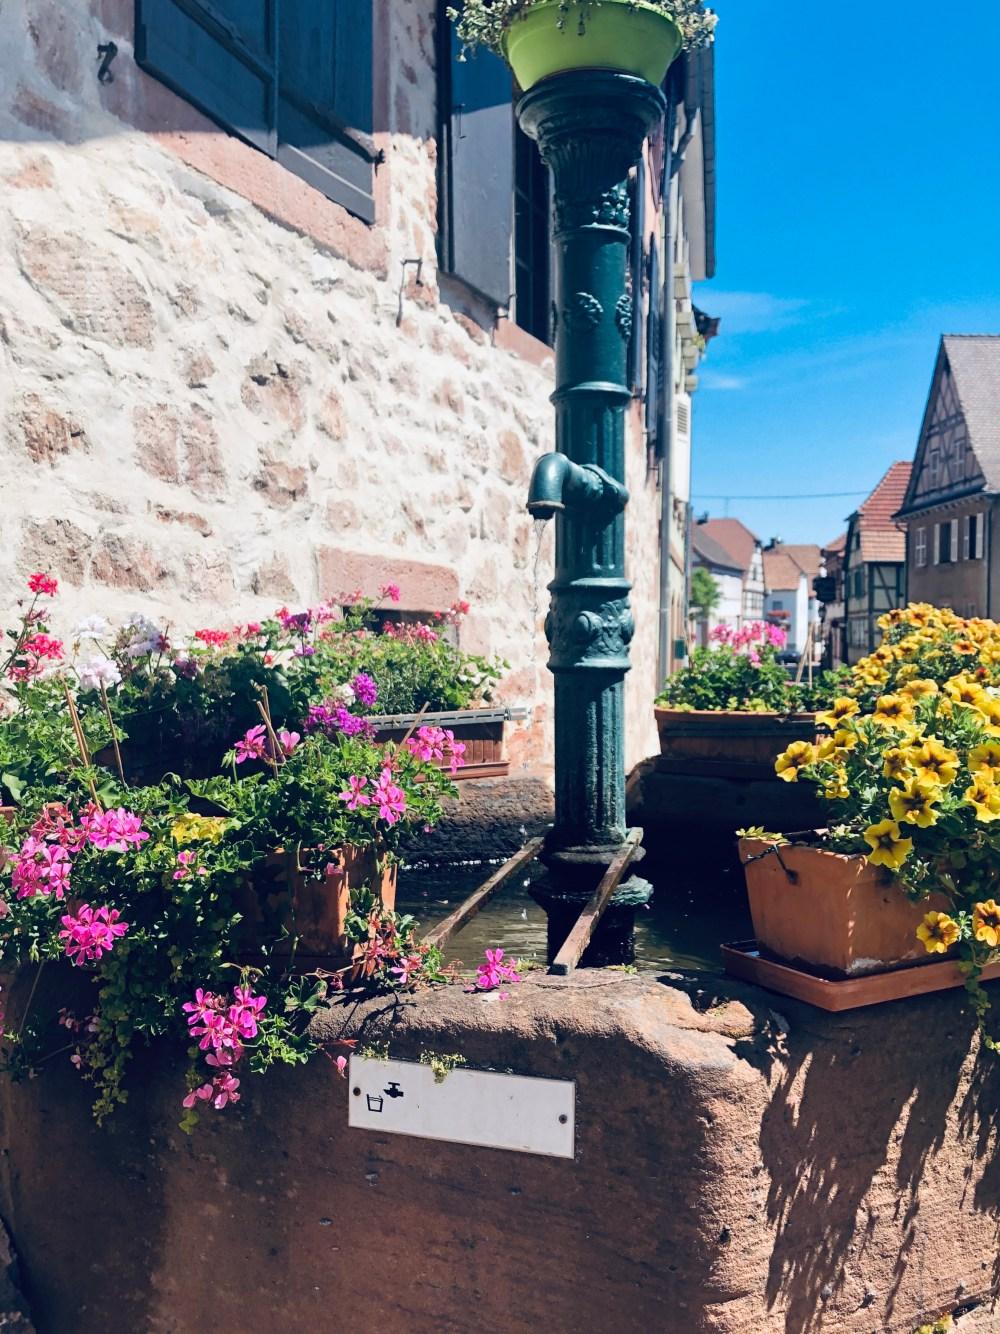 Wasserbecken mit Blumentöpfen und Fachwerkhäuser im Hindergrund